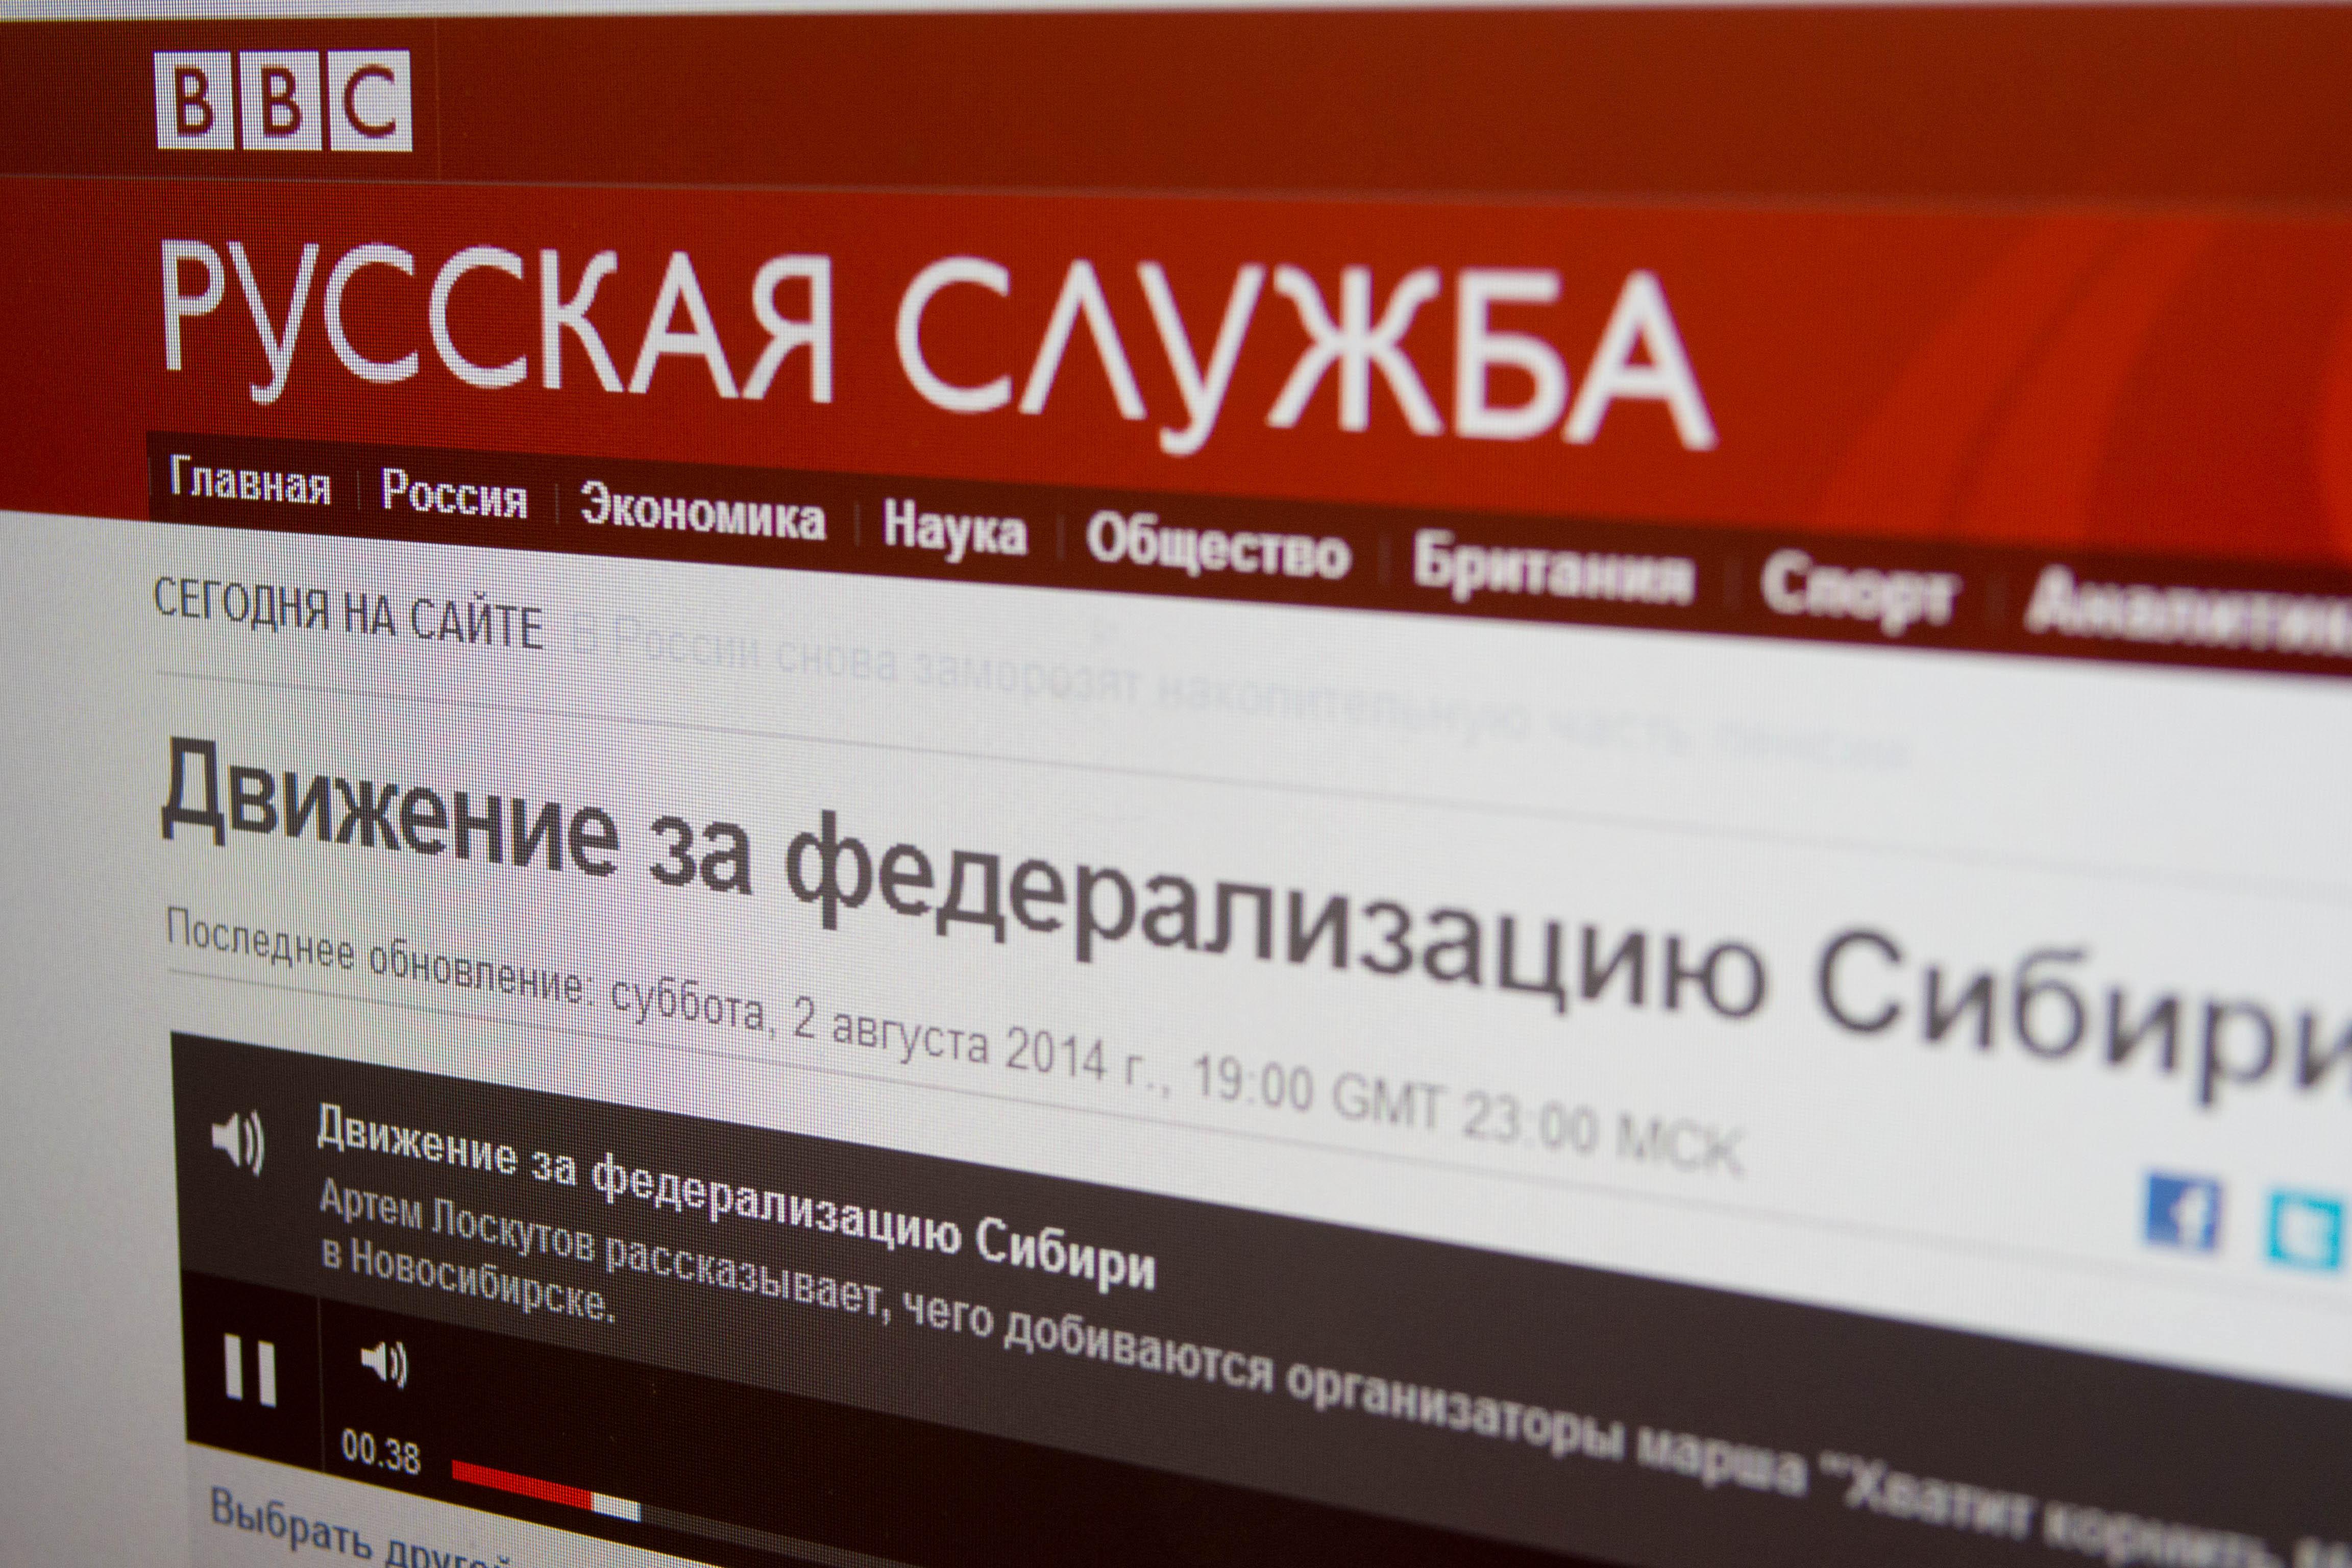 BBC Russia